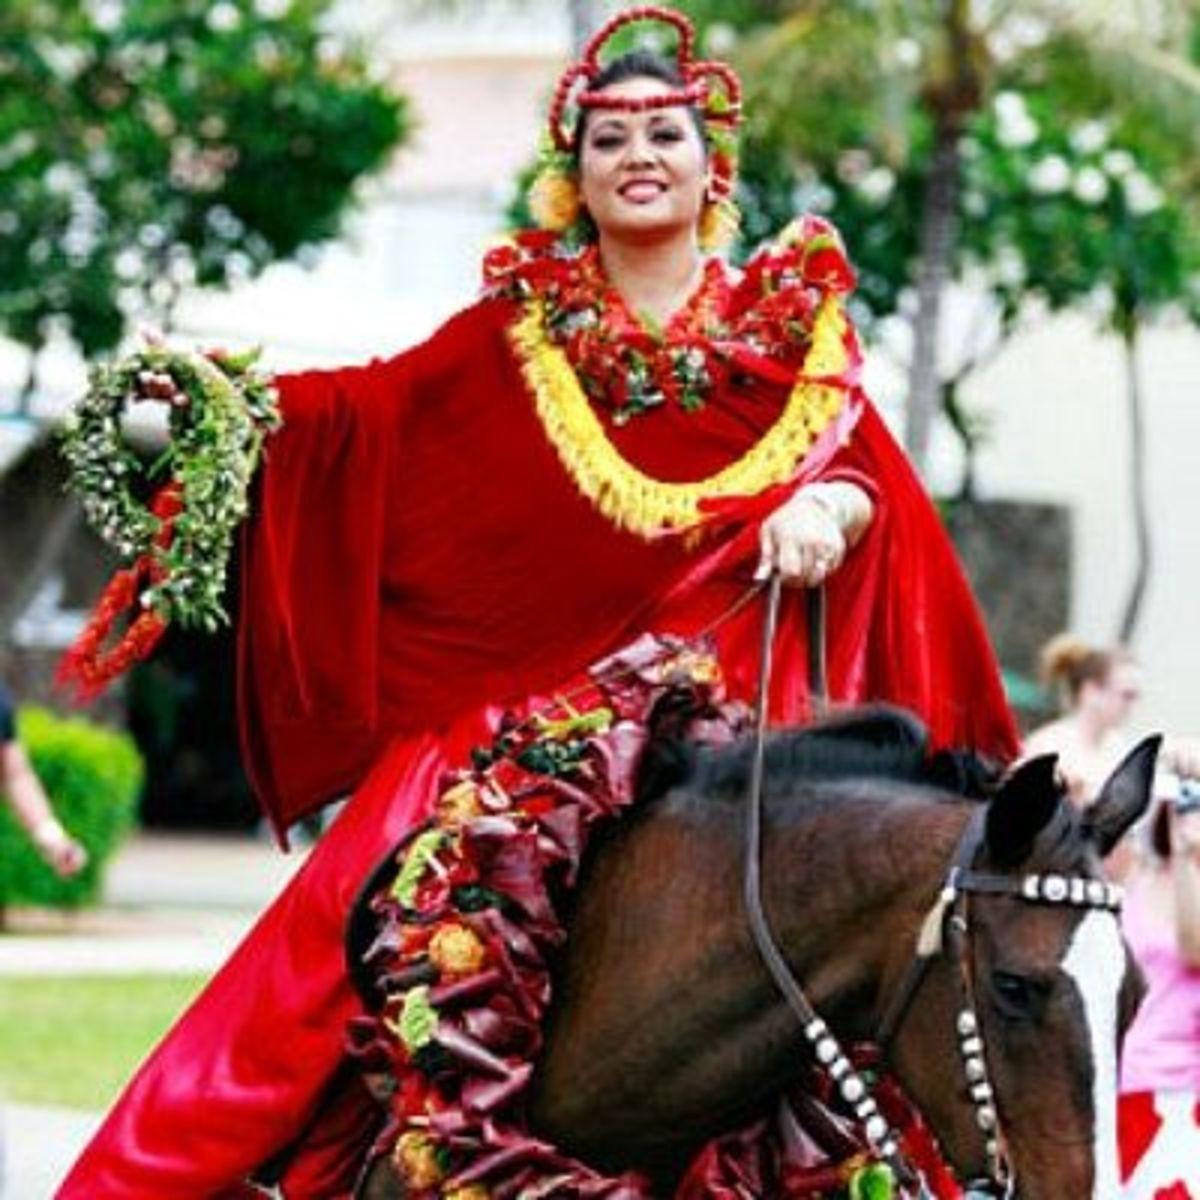 Aileen Kiesel, serving as princess of the island of Hawaii in Honolulu's King Kam Parade